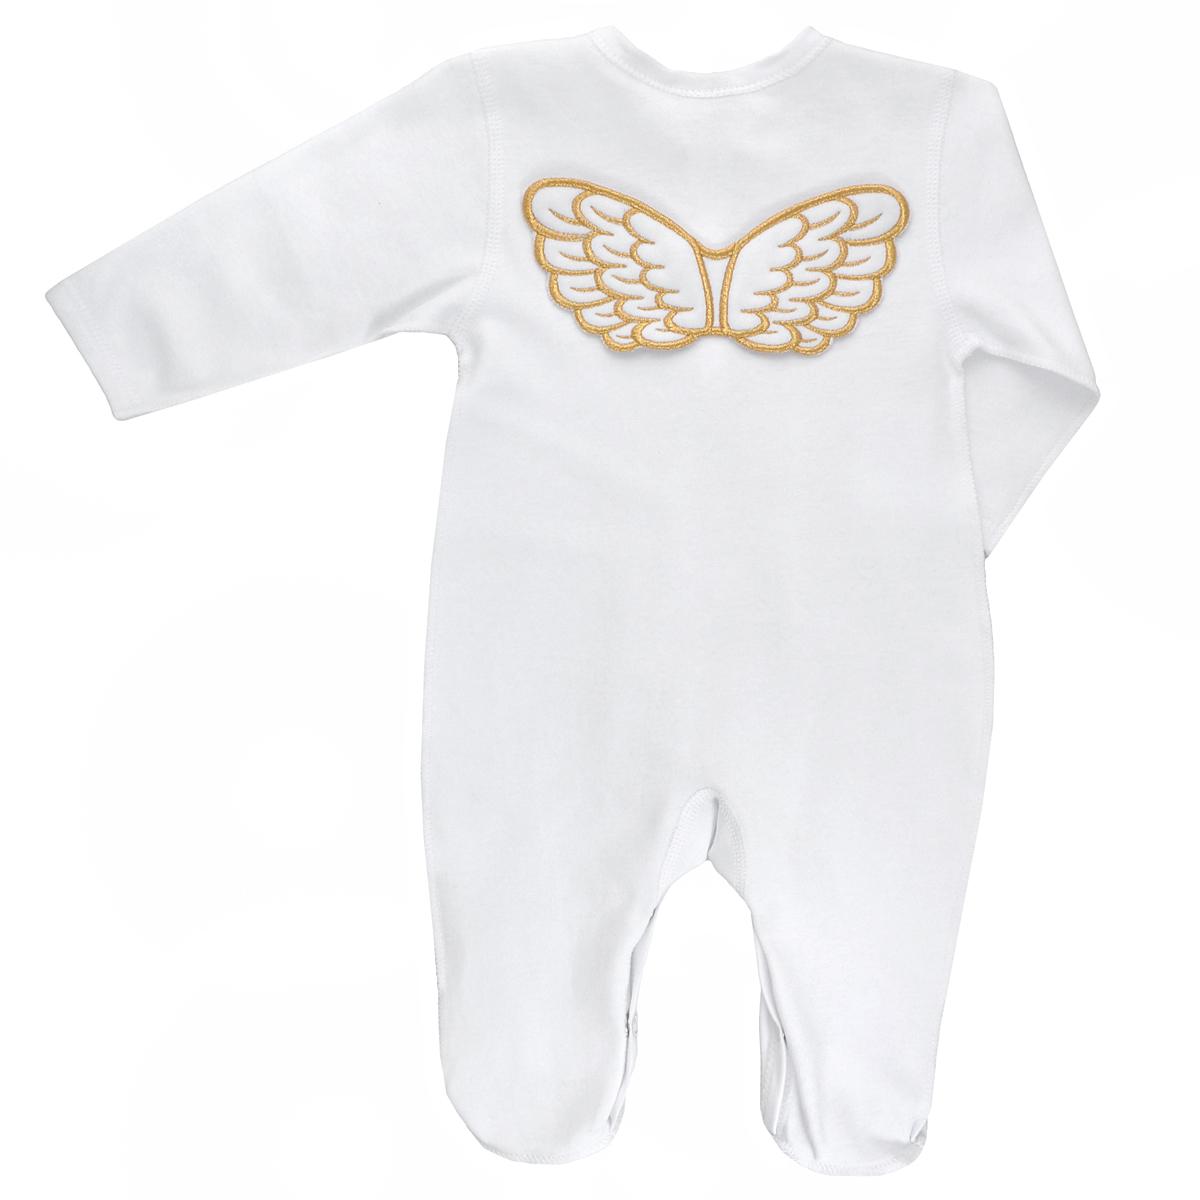 Комбинезон детский Lucky Child Ангелы, цвет: белый. 17-1. Размер 74/8017-1Детский комбинезон Lucky Child Ангелы - очень удобный и практичный вид одежды для малышей. Комбинезон выполнен из интерлока - натурального хлопка, благодаря чему он необычайно мягкий и приятный на ощупь, не раздражает нежную кожу ребенка и хорошо вентилируется, а эластичные швы приятны телу малыша и не препятствуют его движениям. Комбинезон с длинными рукавами и закрытыми ножками, выполненный швами наружу, имеет застежки-кнопки от горловины до щиколоток, которые помогают легко переодеть младенца или сменить подгузник.Комбинезон на груди оформлен надписью в виде логотипа бренда и изображением крылышек, а на спинке дополнен текстильными крылышками, вышитыми металлизированной нитью. С детским комбинезоном Lucky Child спинка и ножки вашего малыша всегда будут в тепле, он идеален для использования днем и незаменим ночью. Комбинезон полностью соответствует особенностям жизни младенца в ранний период, не стесняя и не ограничивая его в движениях!